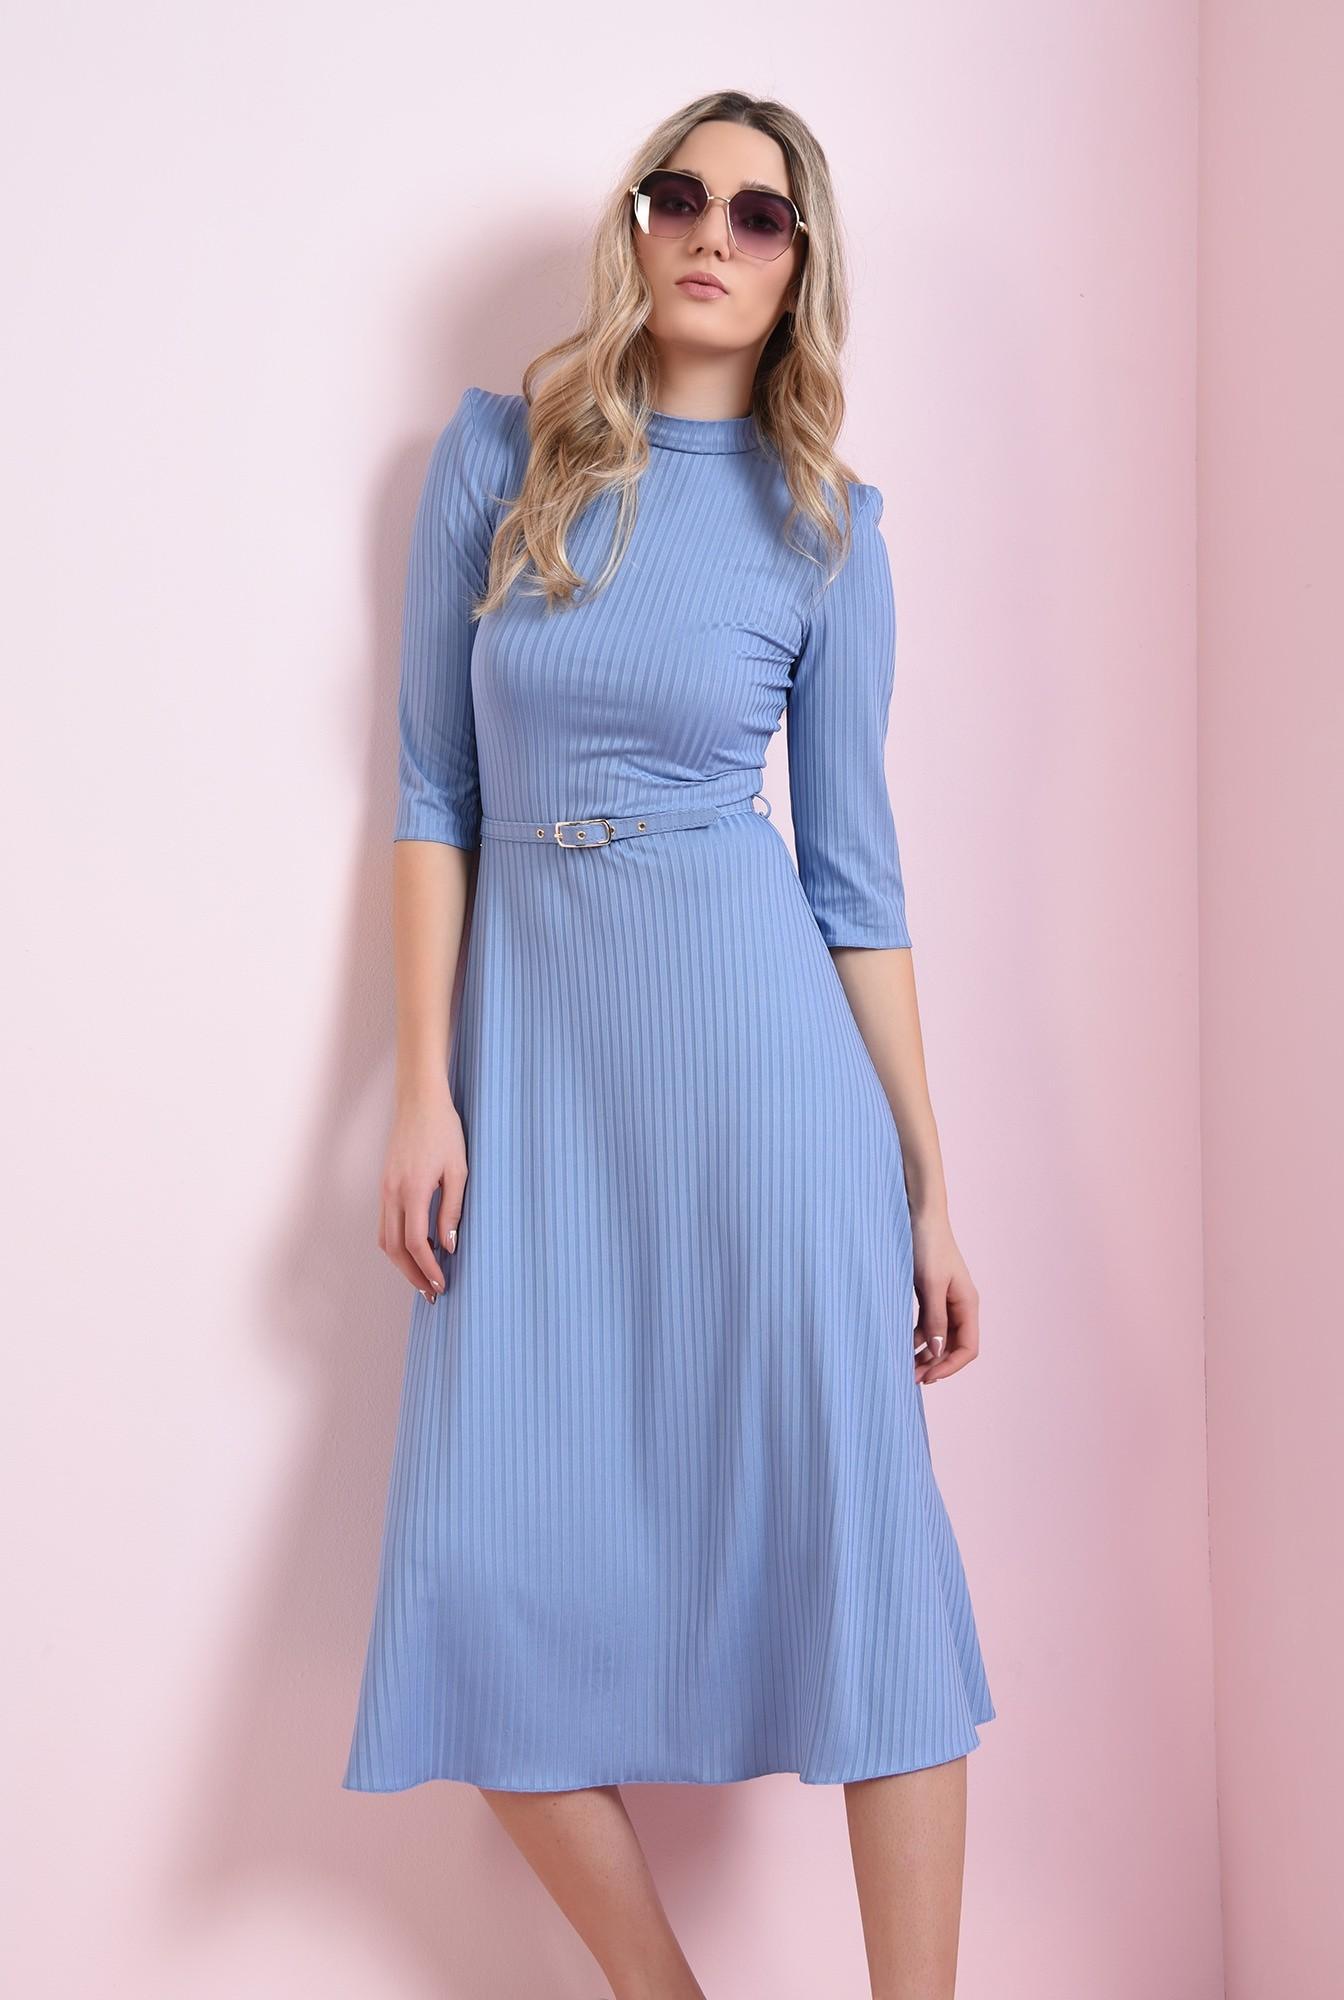 1 - rochie bleu, cu guler inalt, cu centura